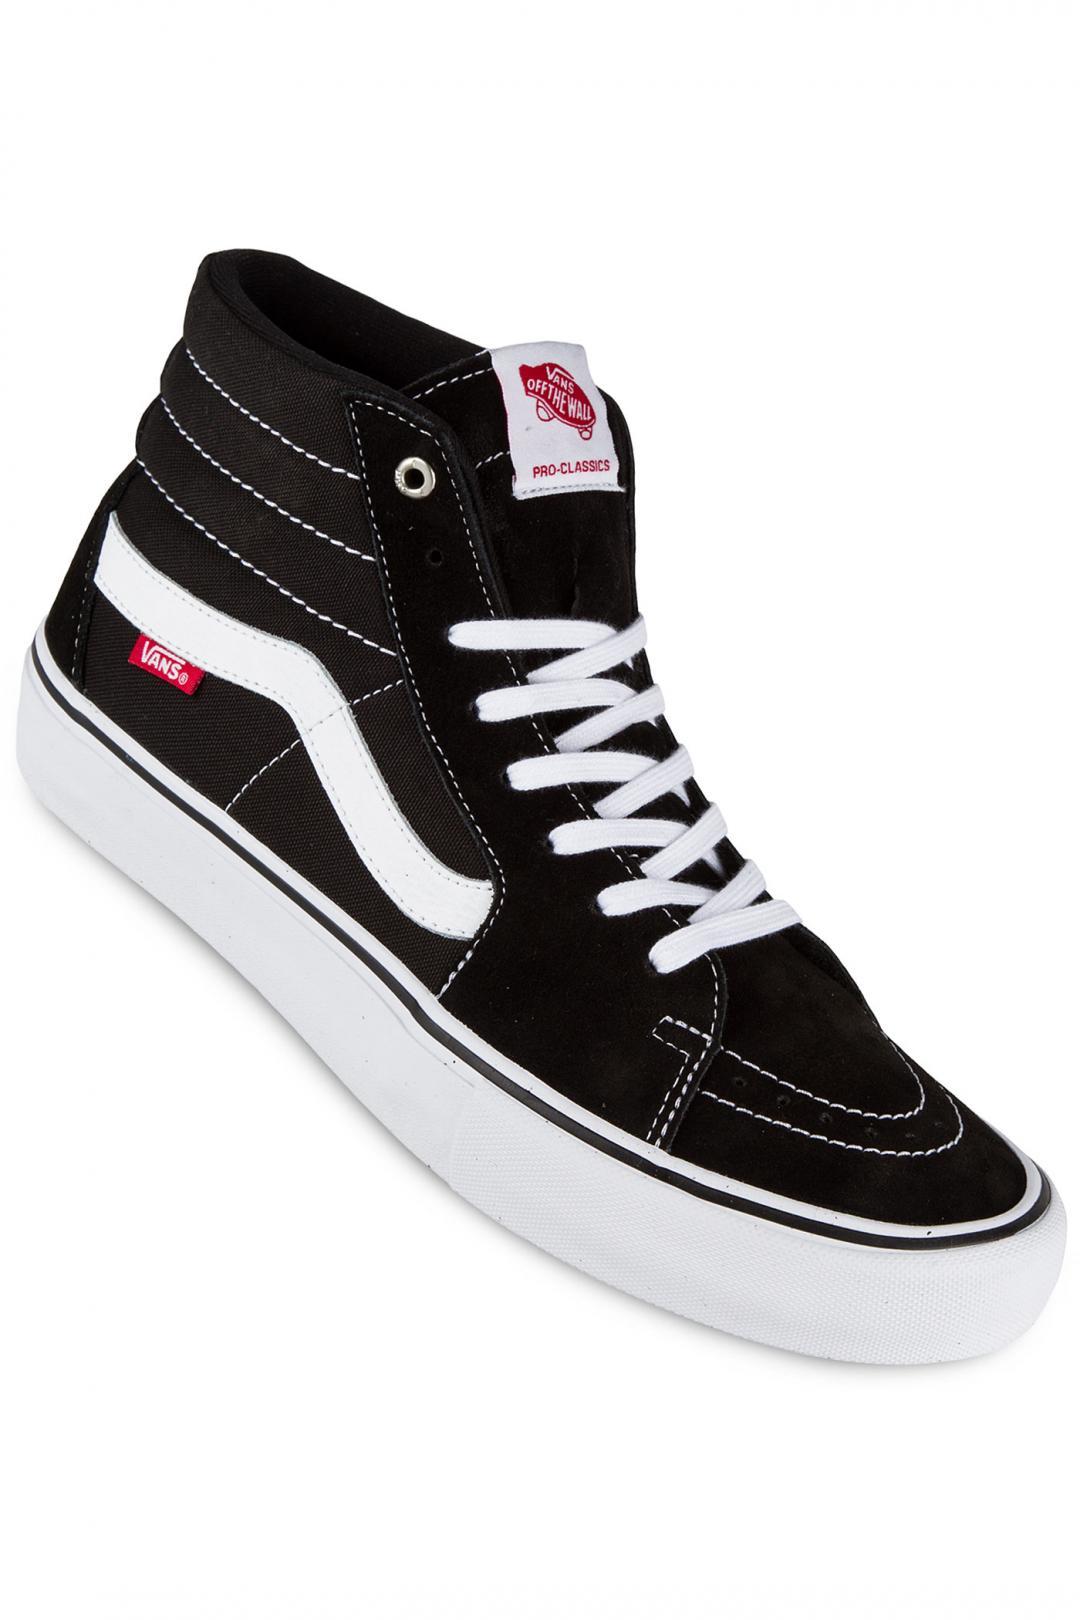 Uomo Vans Sk8-Hi Pro black white | Sneaker